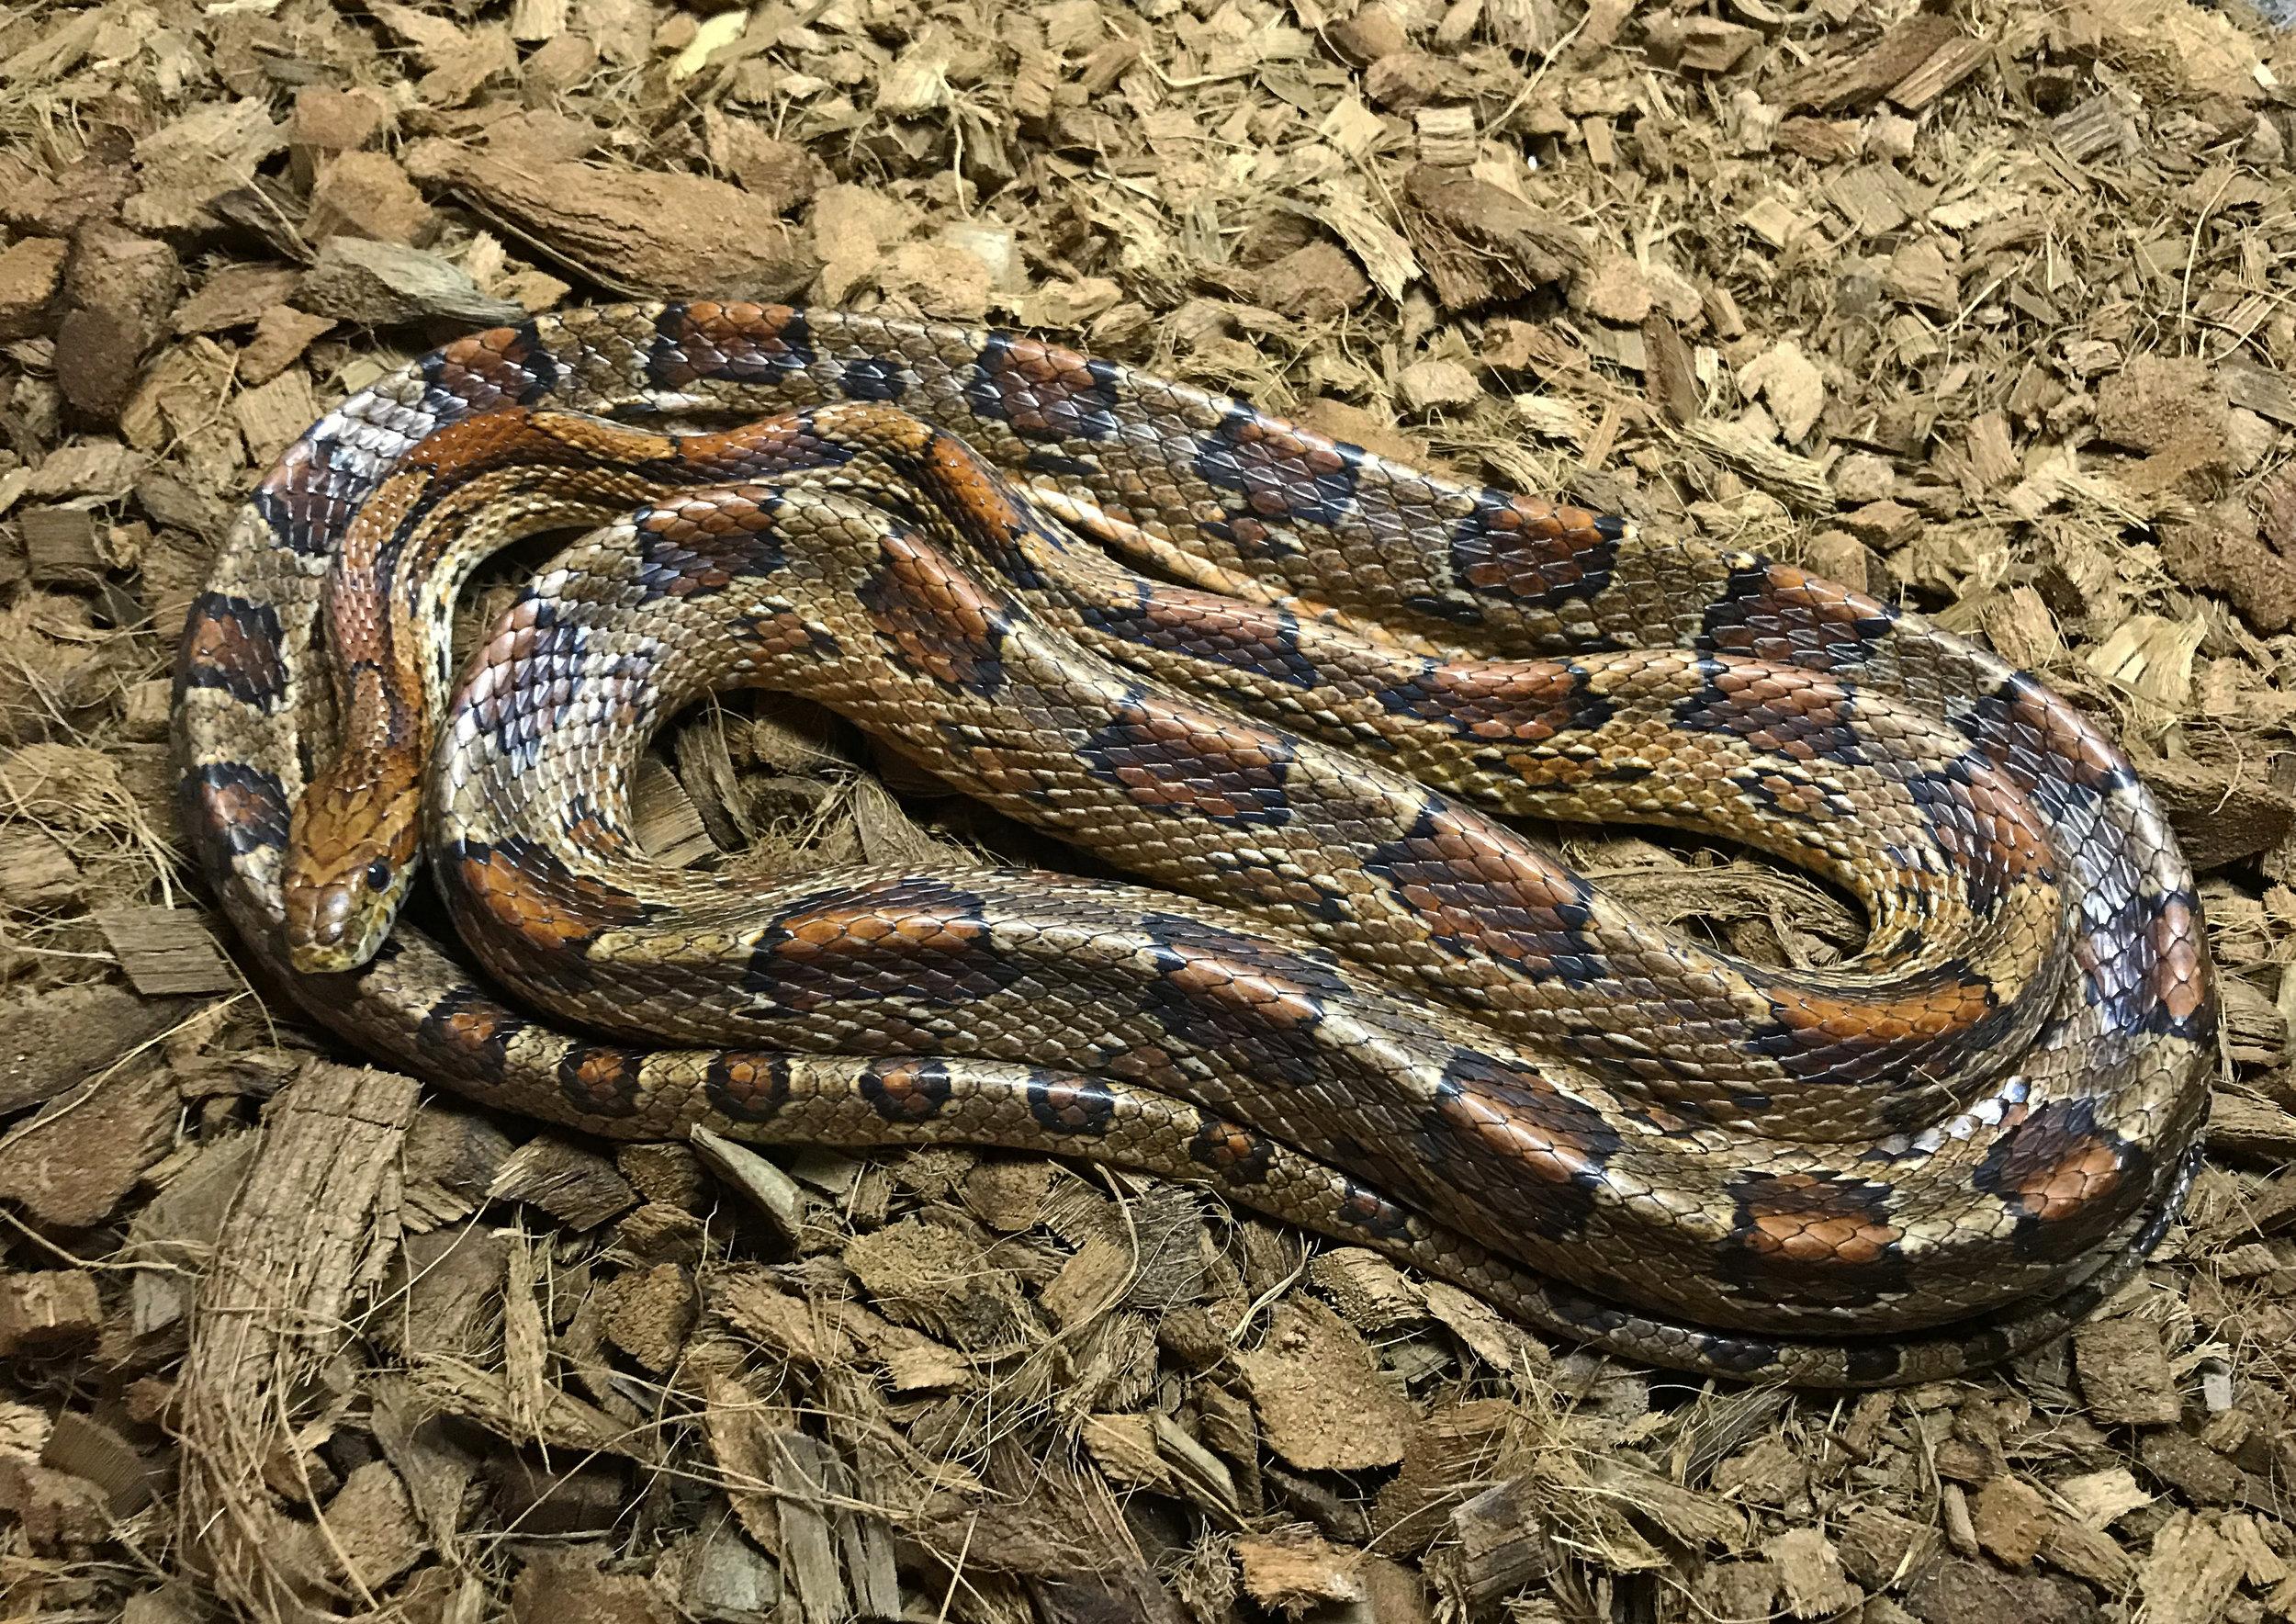 Corn Snake, Elaphe guttata guttata or Pantherophis guttatus guttatus.